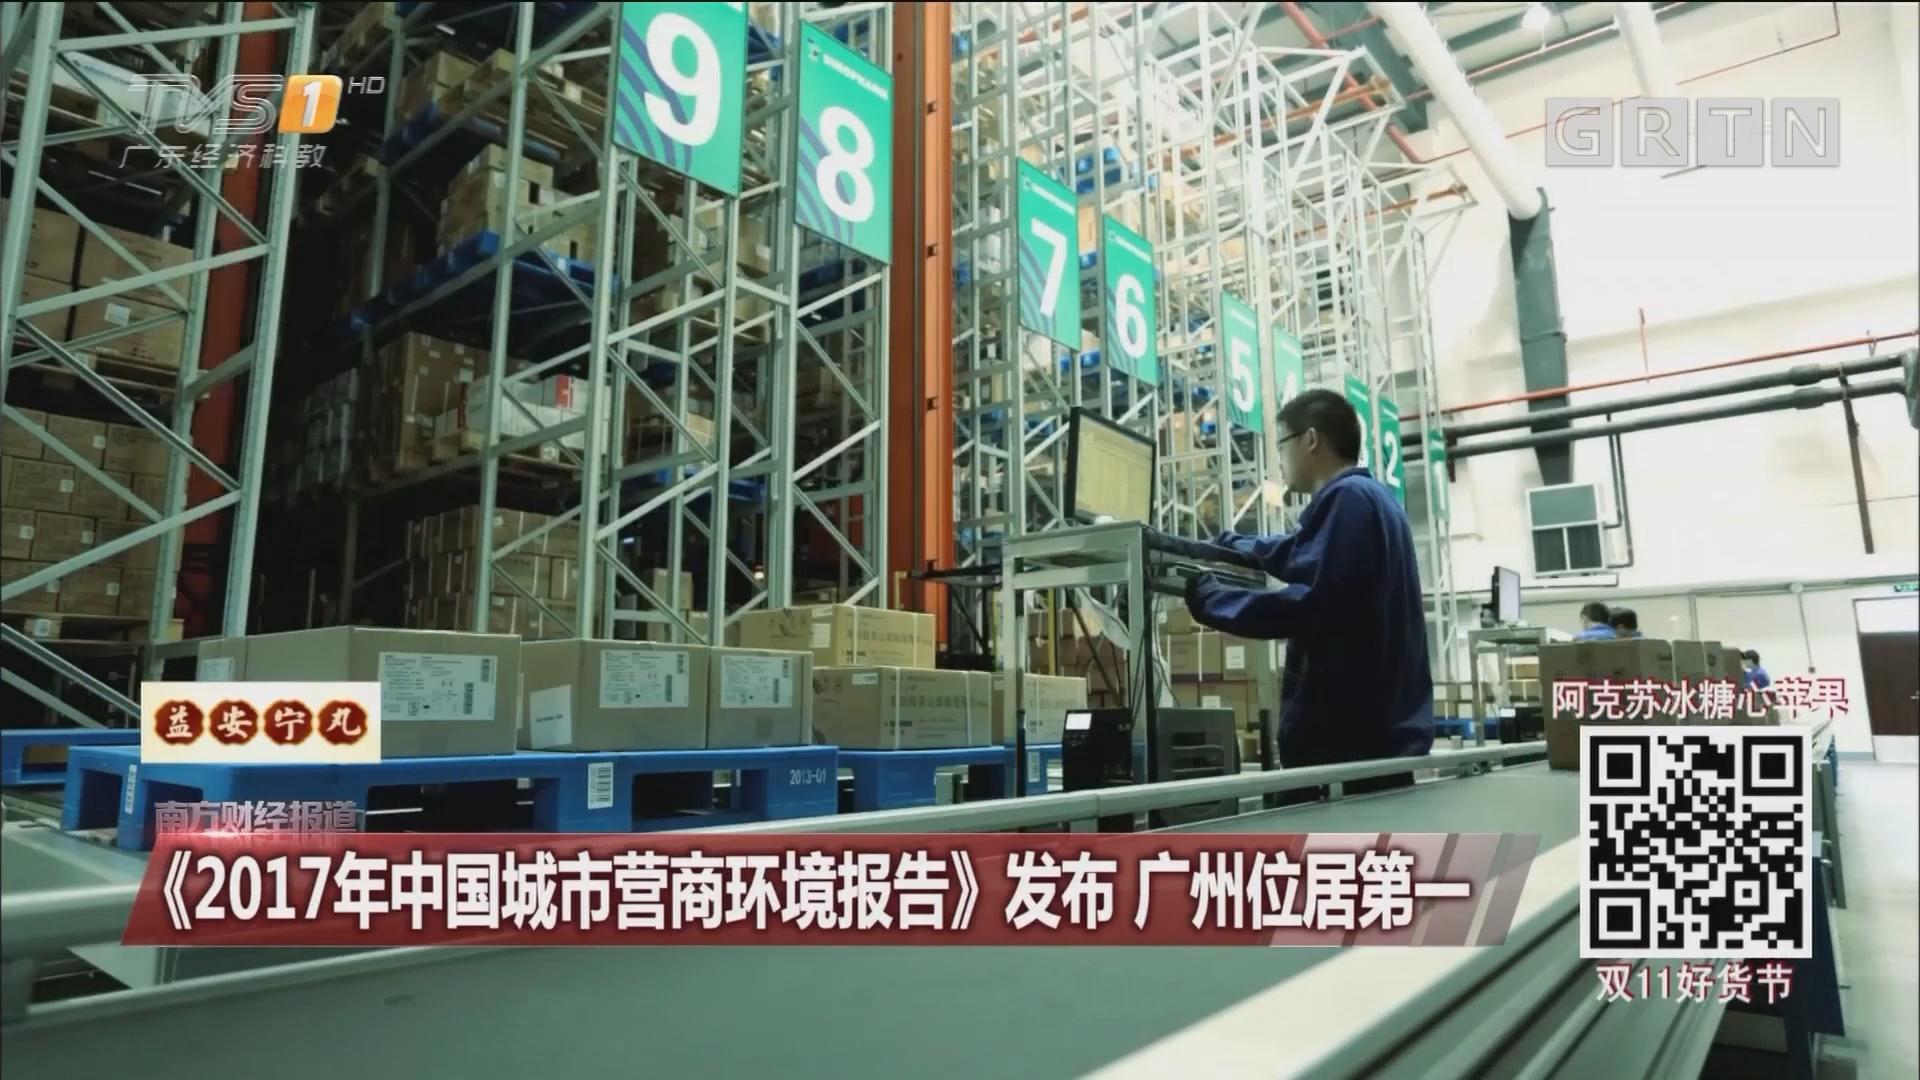 《2017年中国城市营商环境报告》发布 广州位居第一